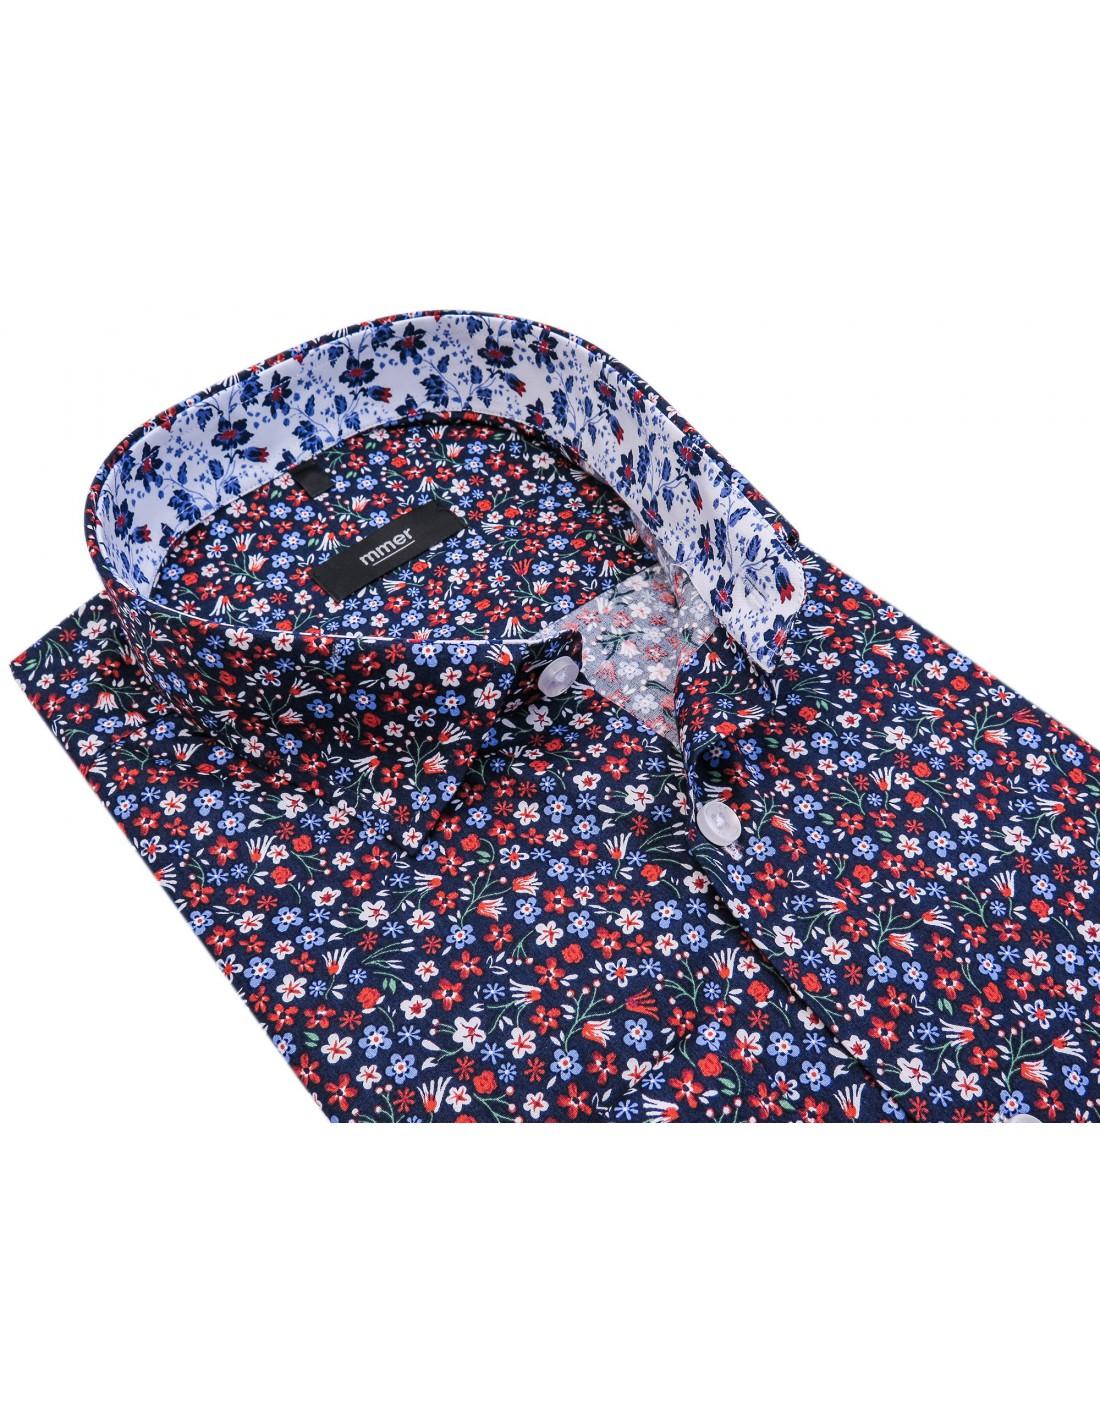 6ef3506d0062ae Granatowa koszula męska w kolorowe kwiatki 761 | Sklep Internetowy ...